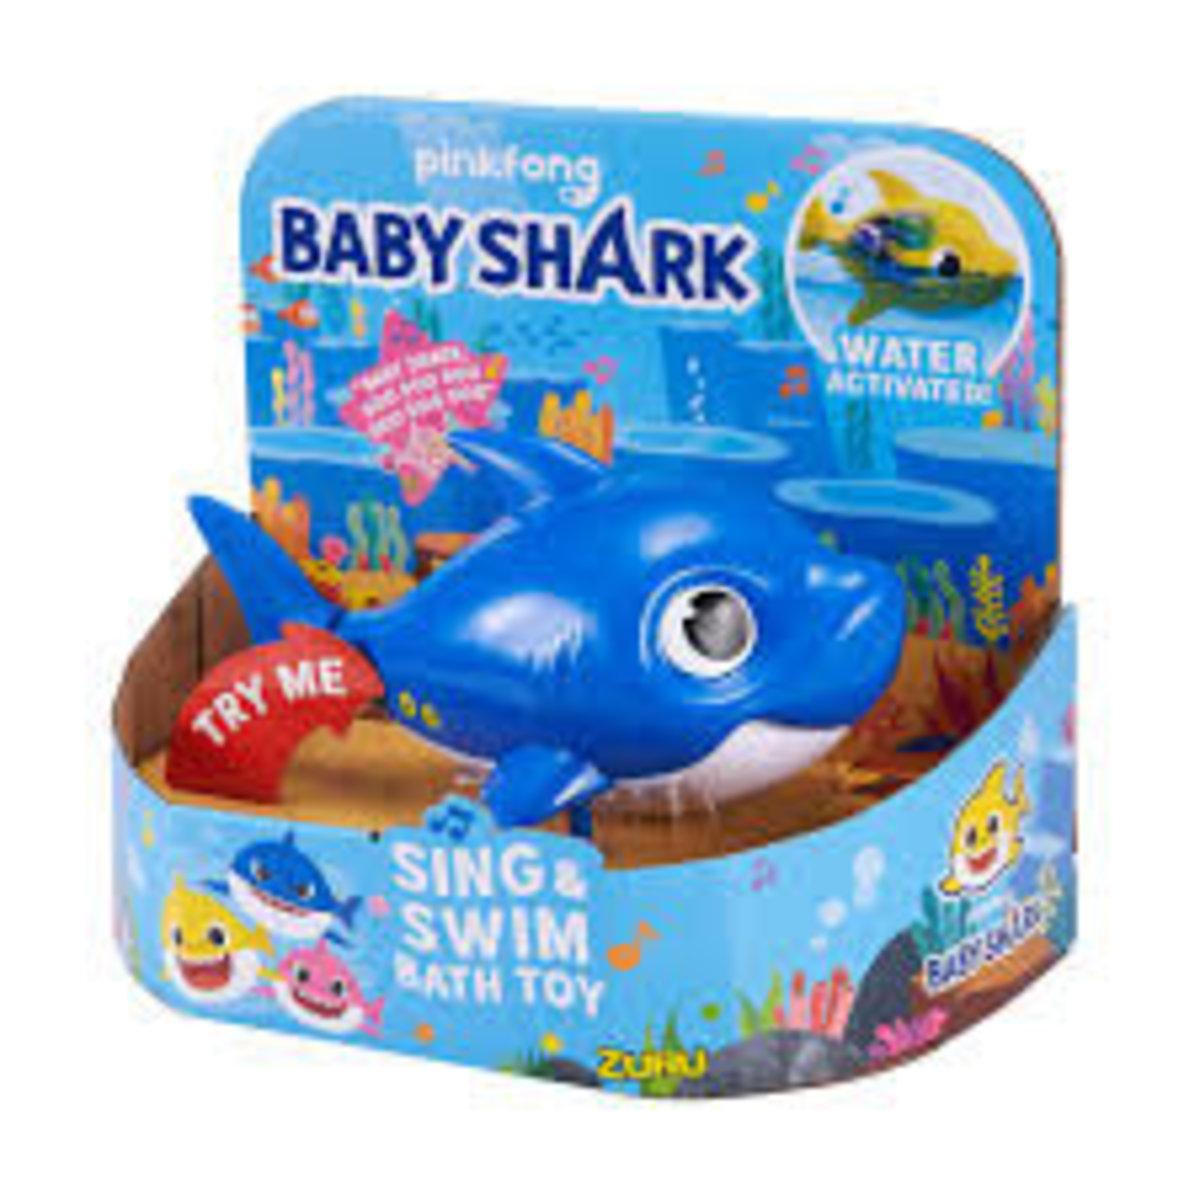 Baby Shark Sing & Swim Bath Toy - Blue (Daddy)